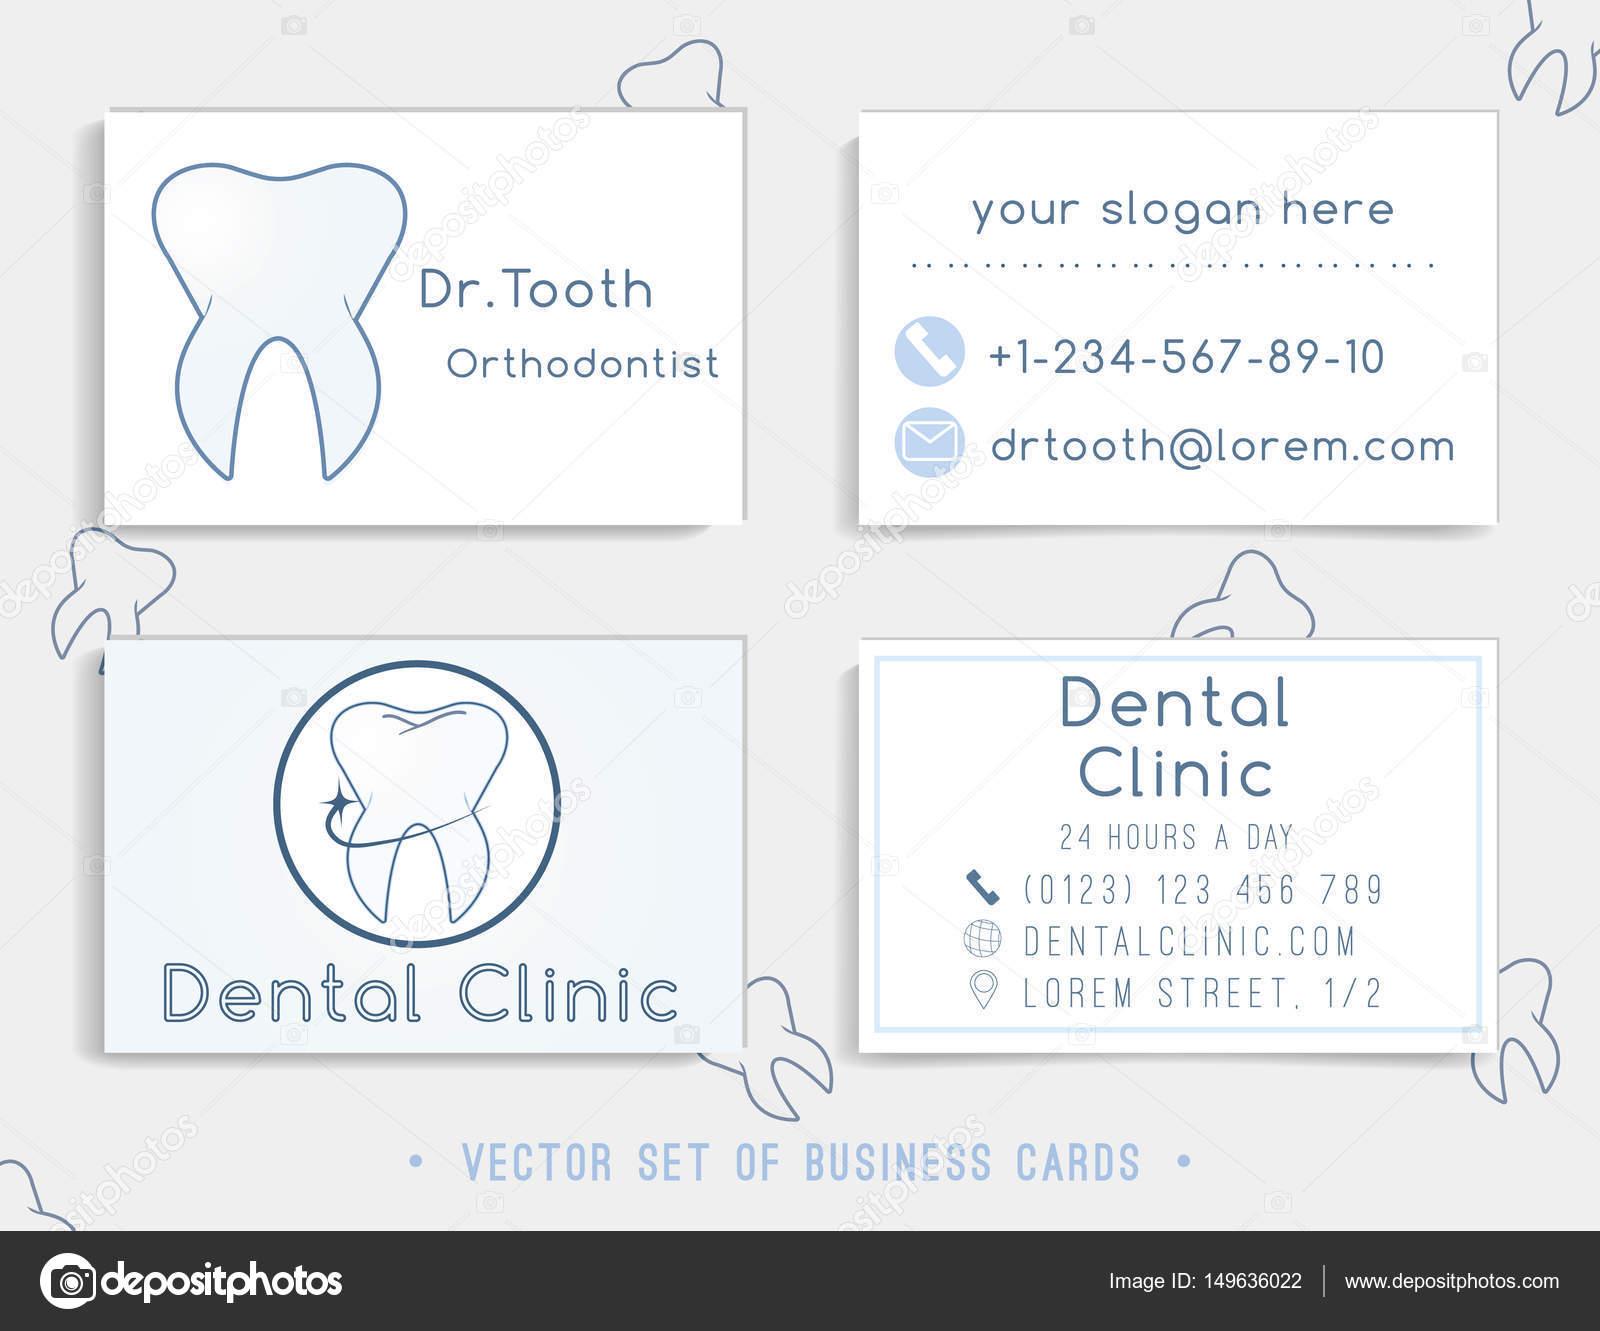 Modle De Carte Visite Pour Votre Cabinet Dentaire La Clinique Ou Le Dentiste Icne Du Logo Dent Illustration Vectorielle Vecteur Par Sofiajune